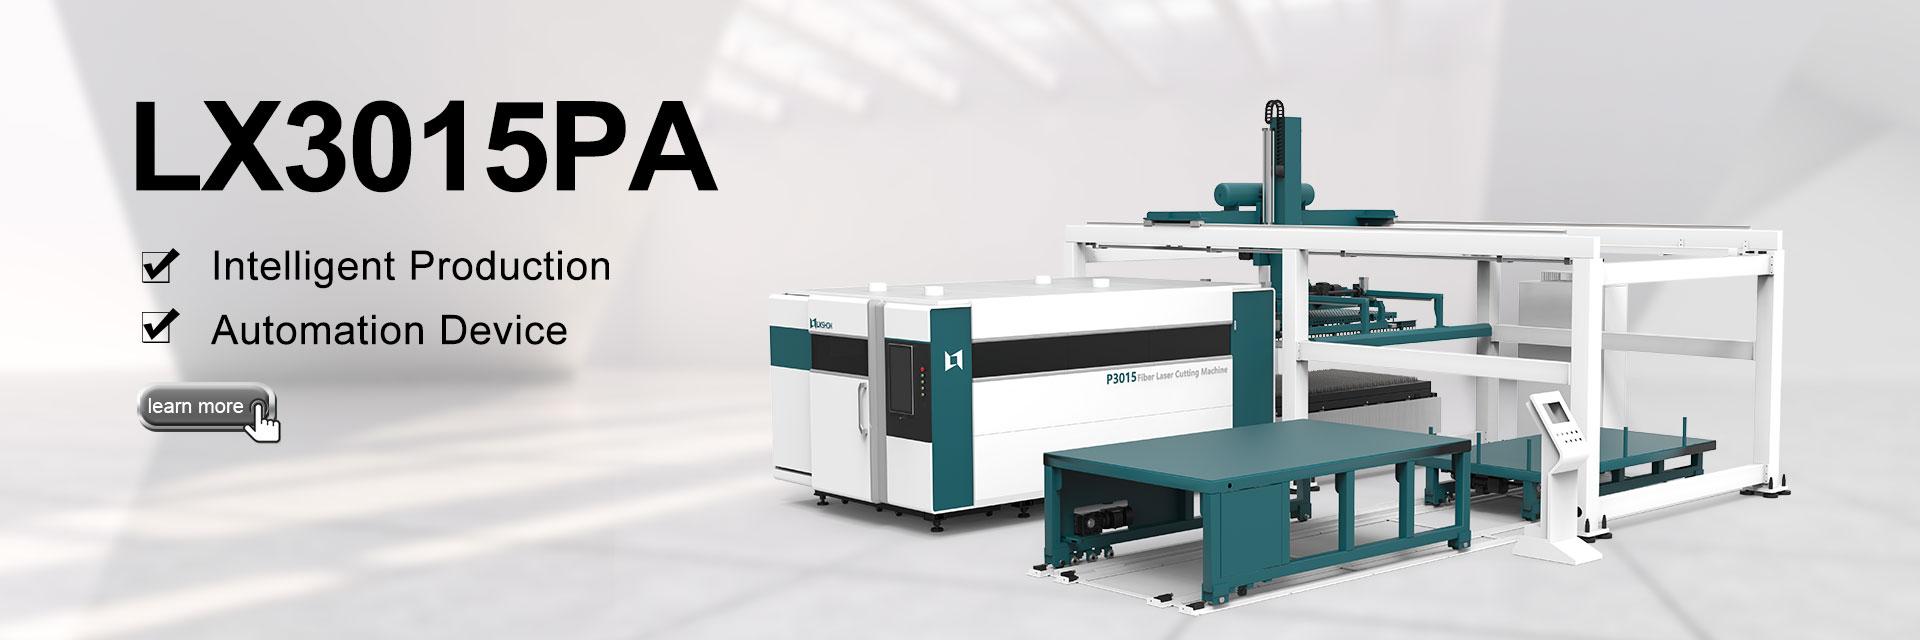 LX3015PA